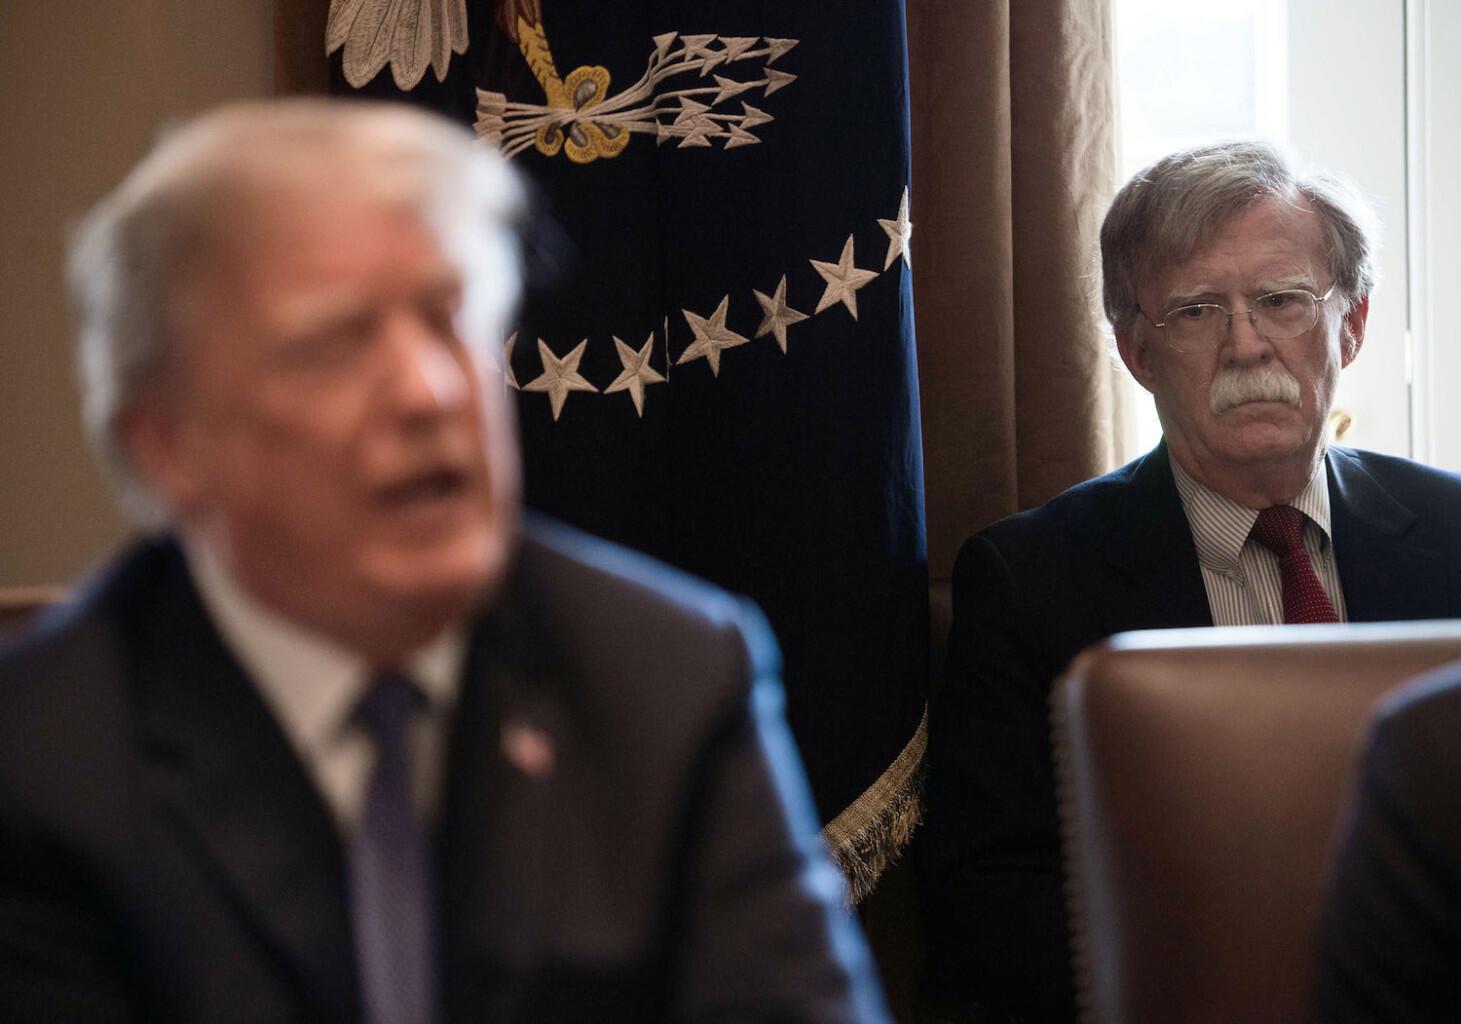 美國總統特朗普與國國家安全顧問博爾頓